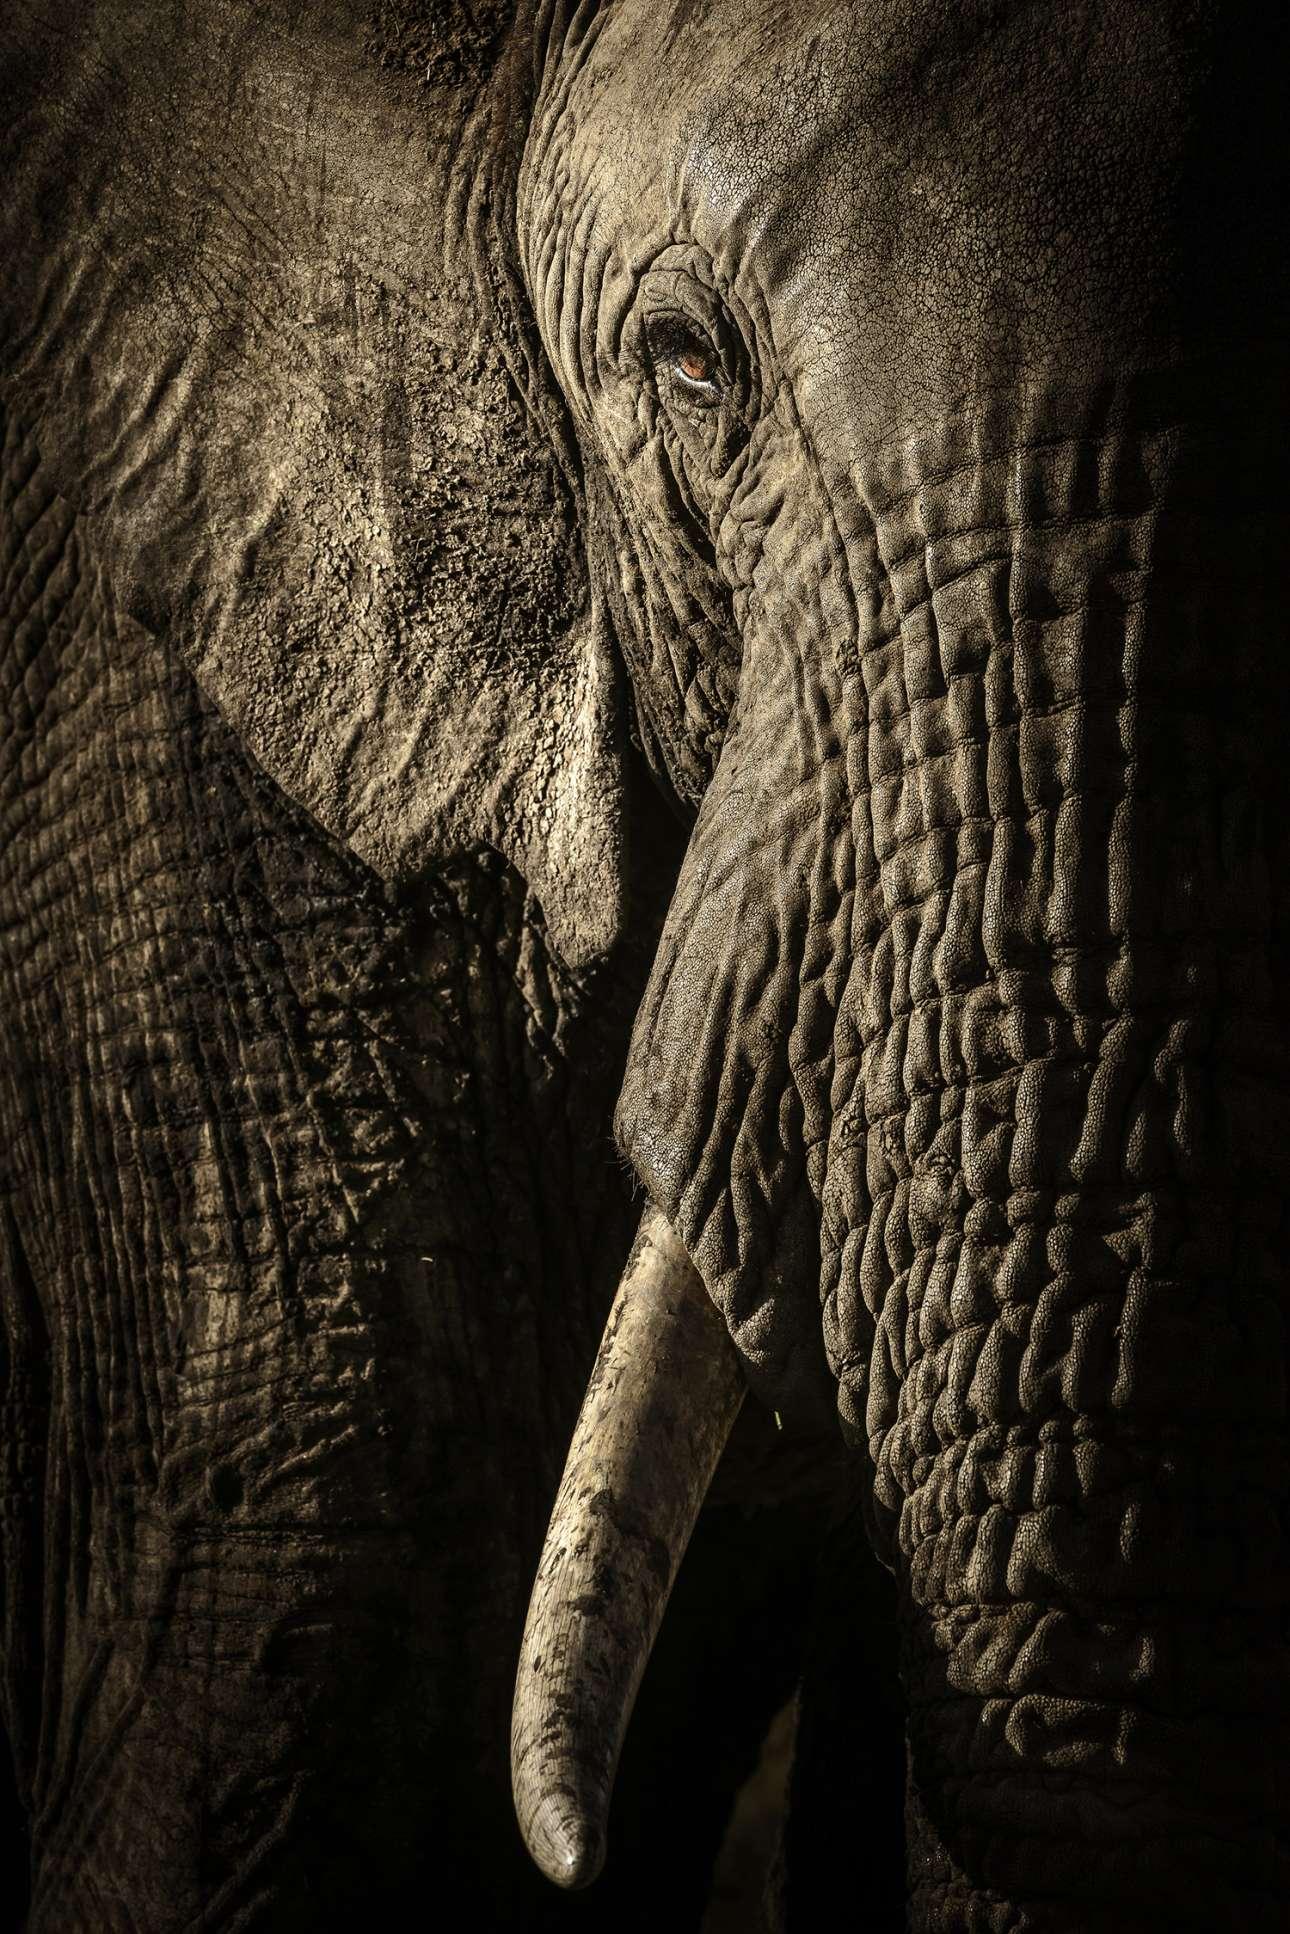 «Η δύναμη της μητριαρχίας». Θηλυκός ελέφαντας οδηγεί ένα κοπάδι σε νερόλακκο στο εθνικό πάρκο Μασάι Μάρα, στην Κένυα. Το φως του δειλινού τονίζει κάθε ρυτίδα, τρίχα και λεπτομέρεια του δέρματος του επιβλητικού ζώου